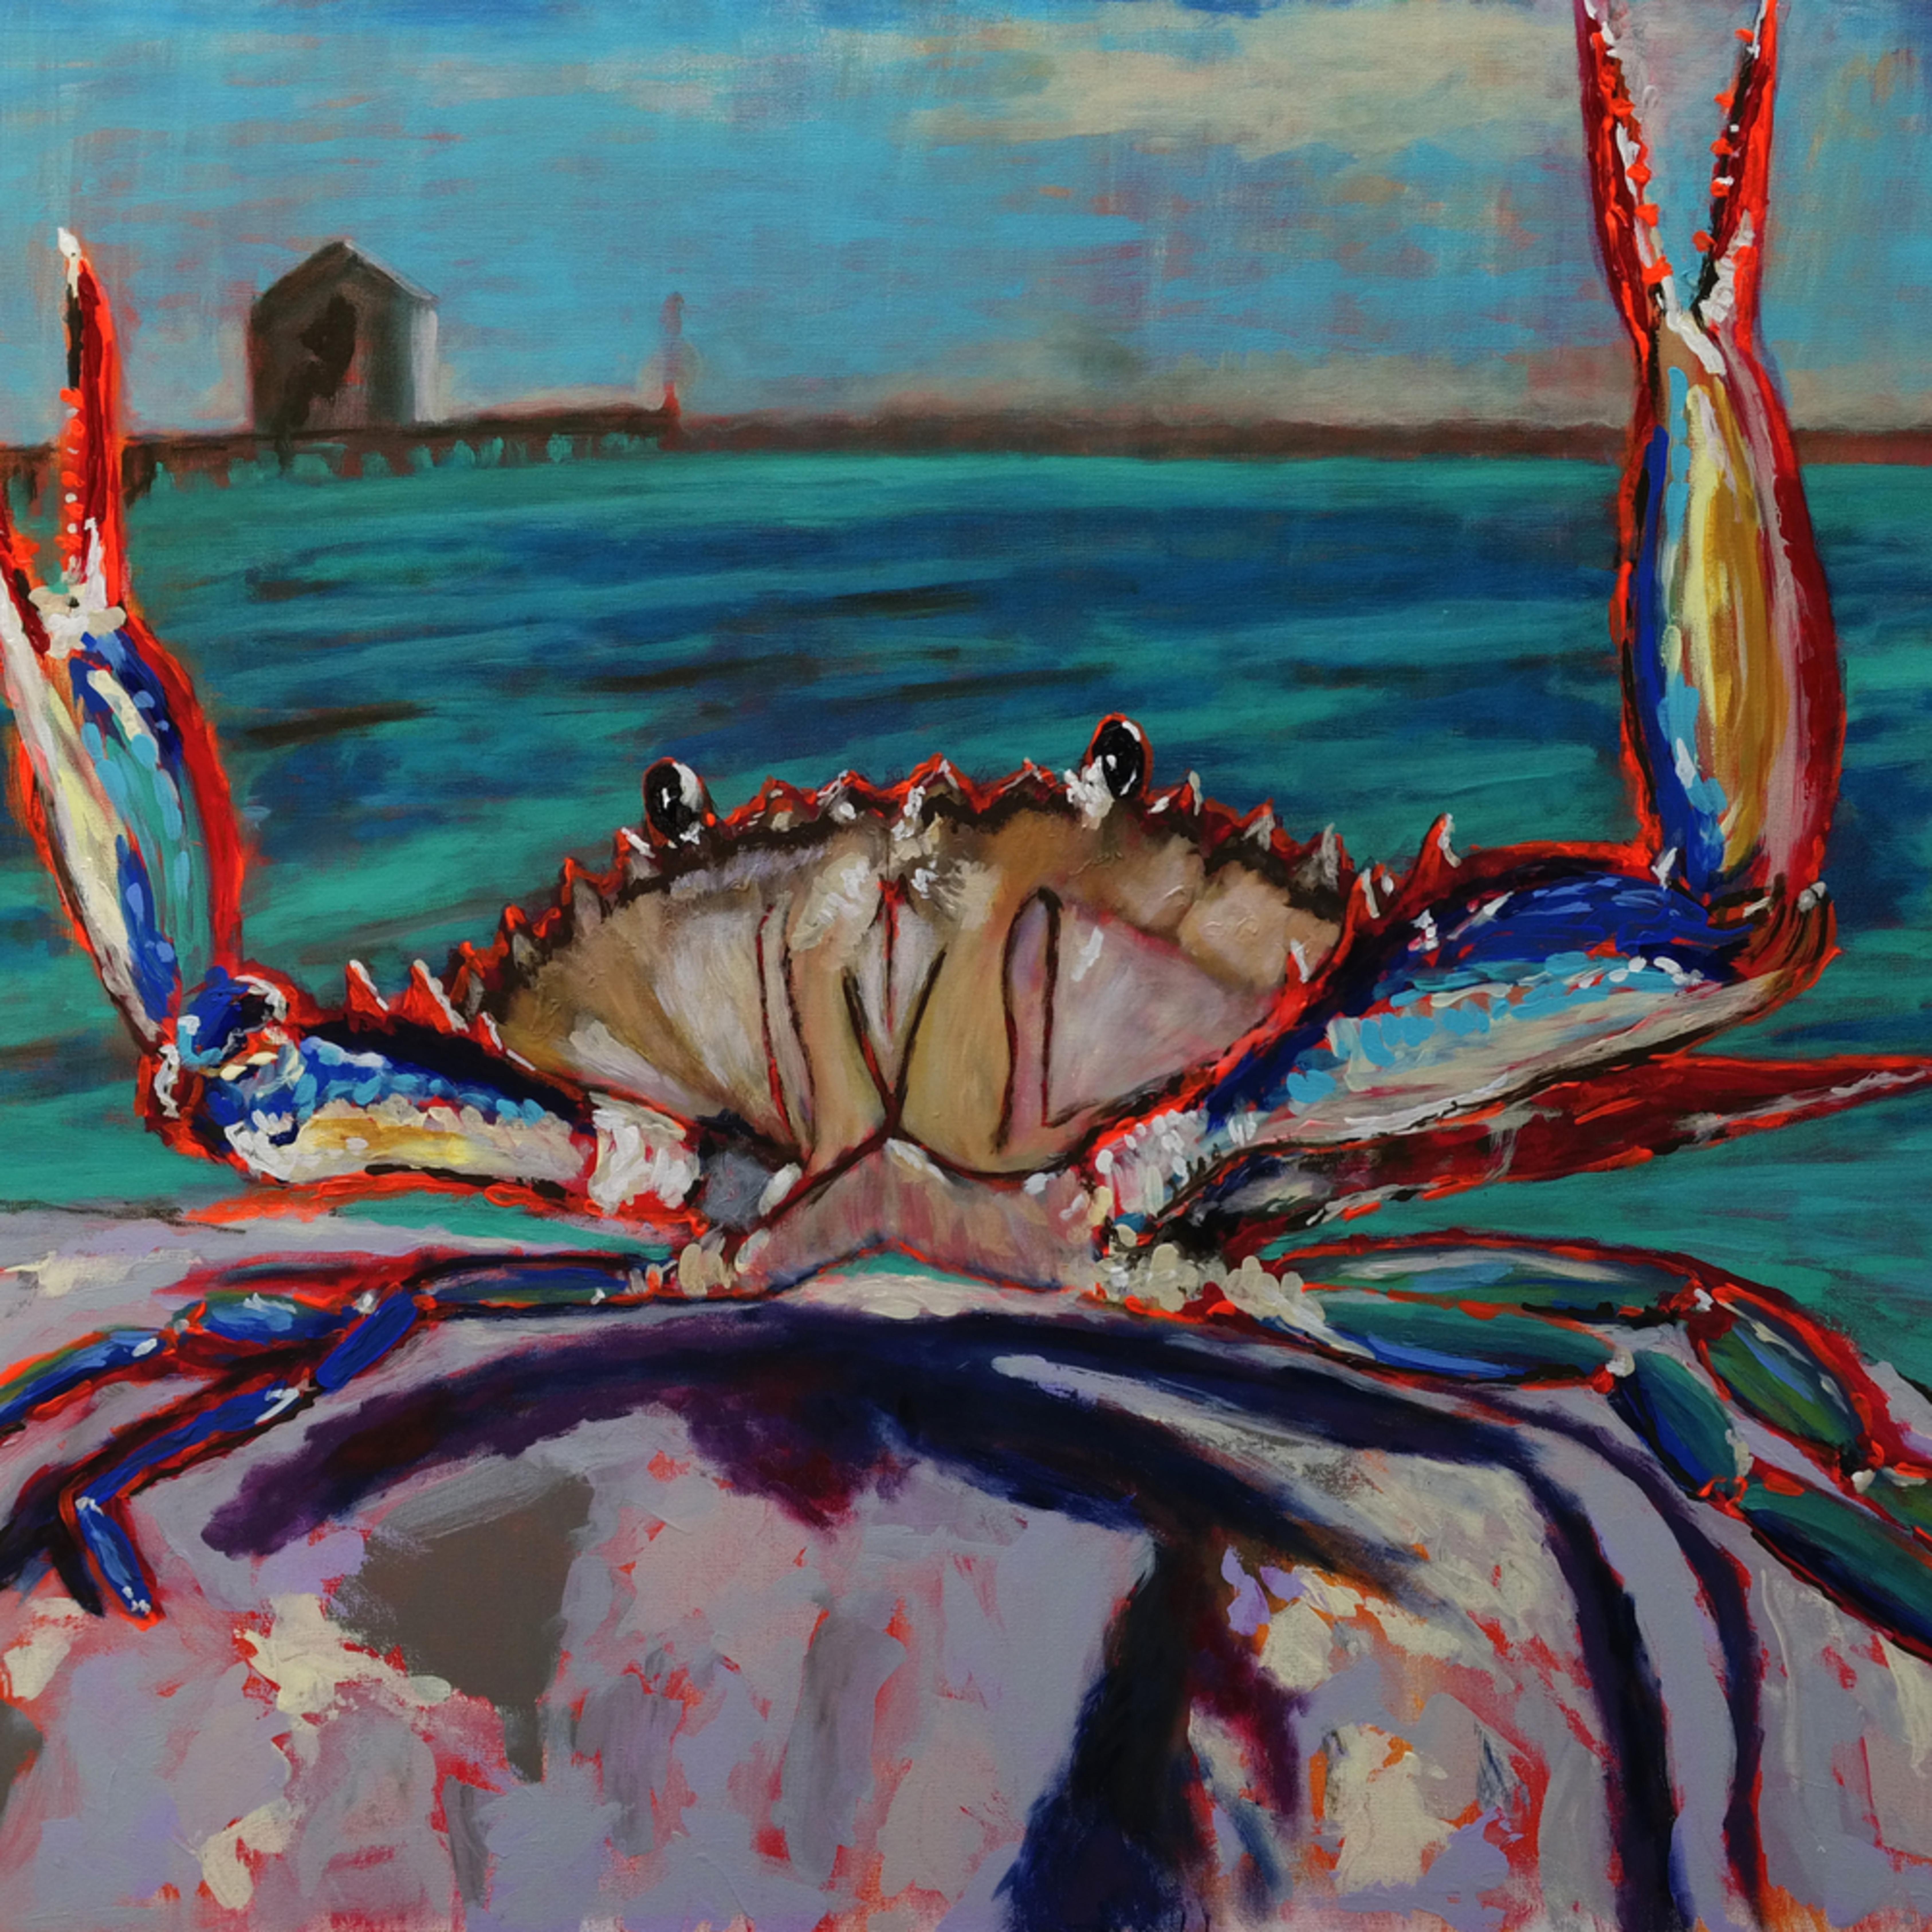 Lg blue crab rick osborn fiulii